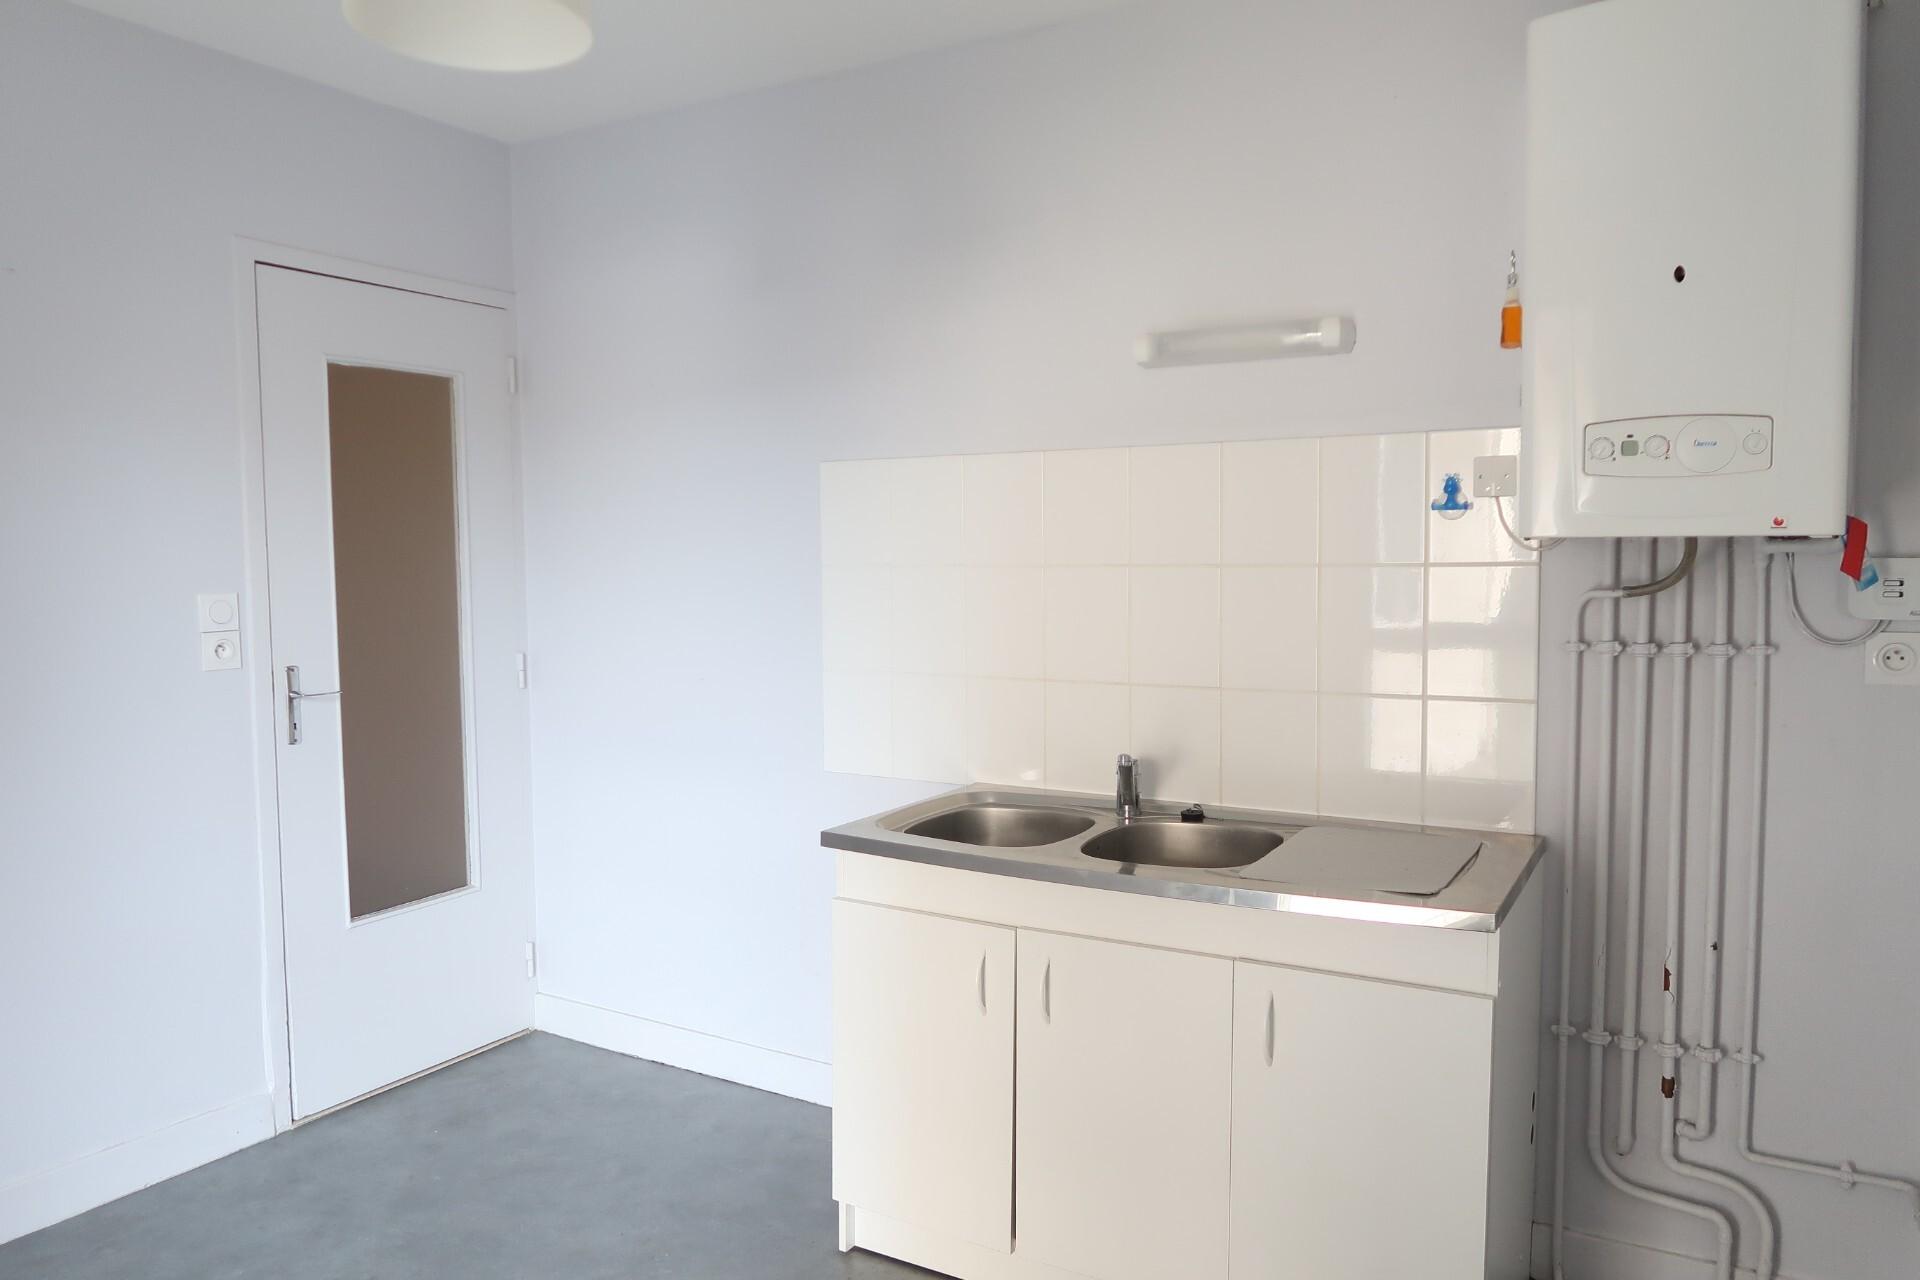 Photo n° 2 de l'annonce Appartement T4 à louer - Clermont-Ferrand : Ref 0001430019